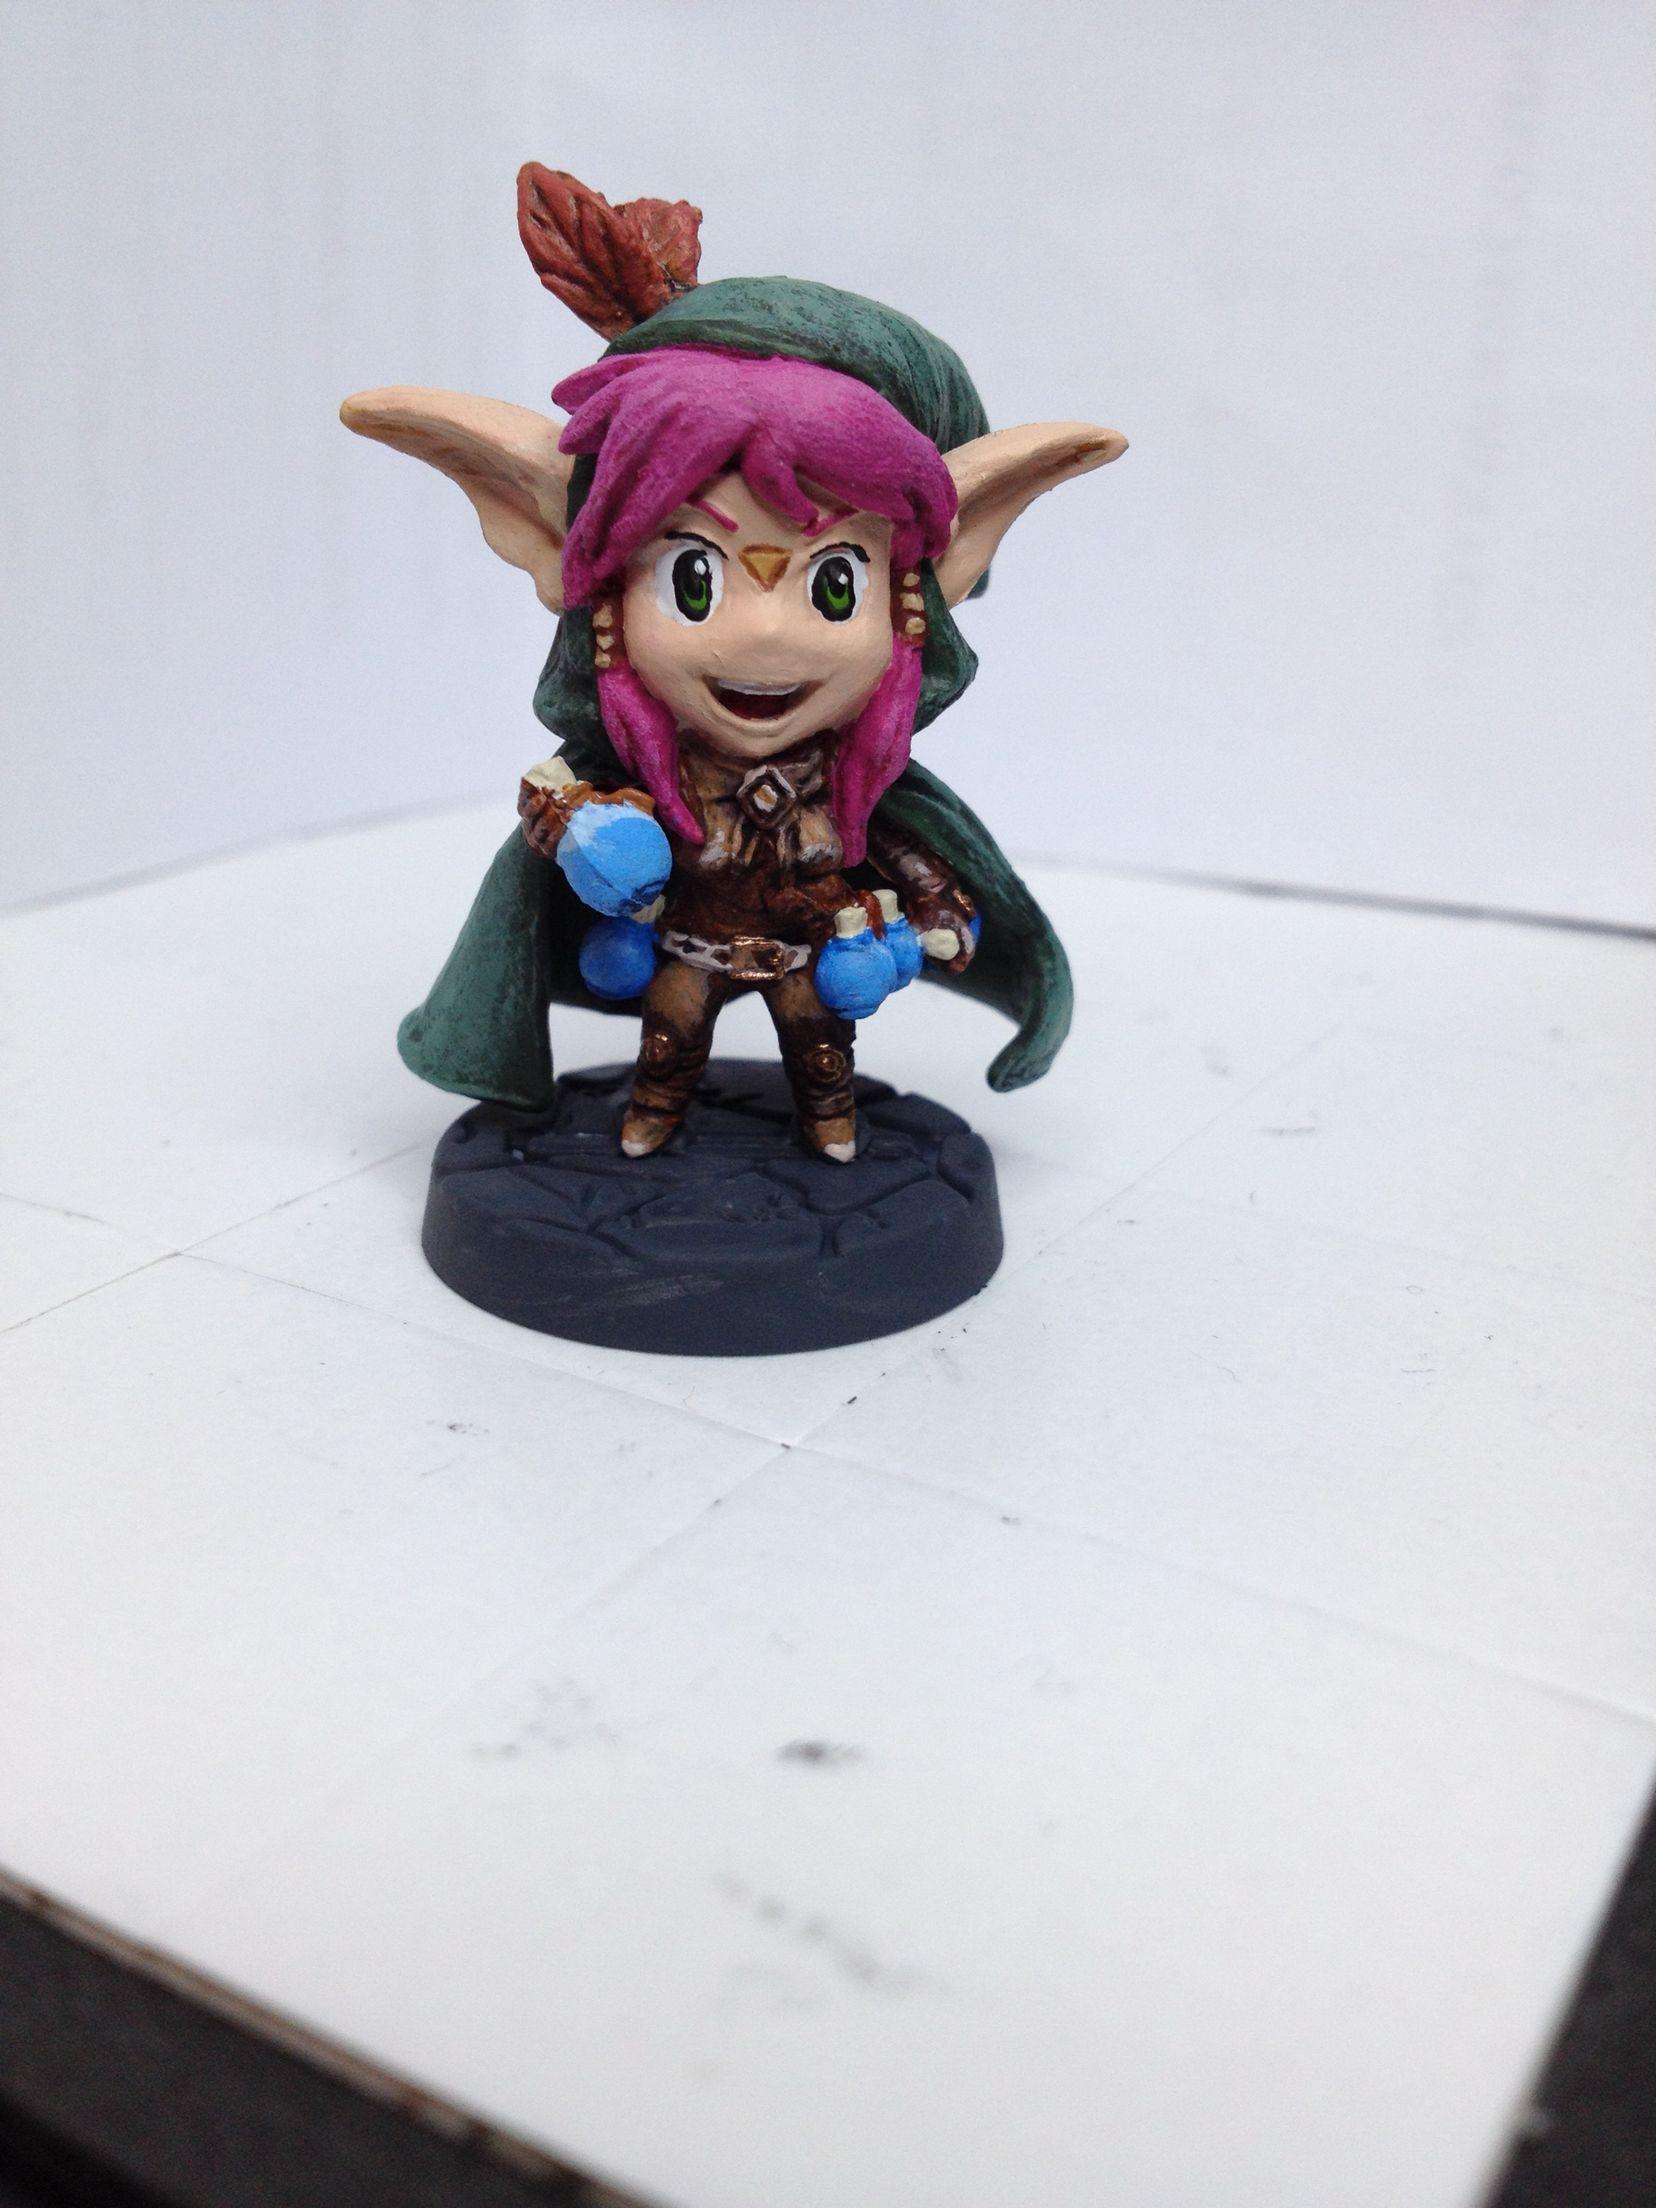 Super Dungeon Explore, Fey Alchemist Smurfs, Dungeon